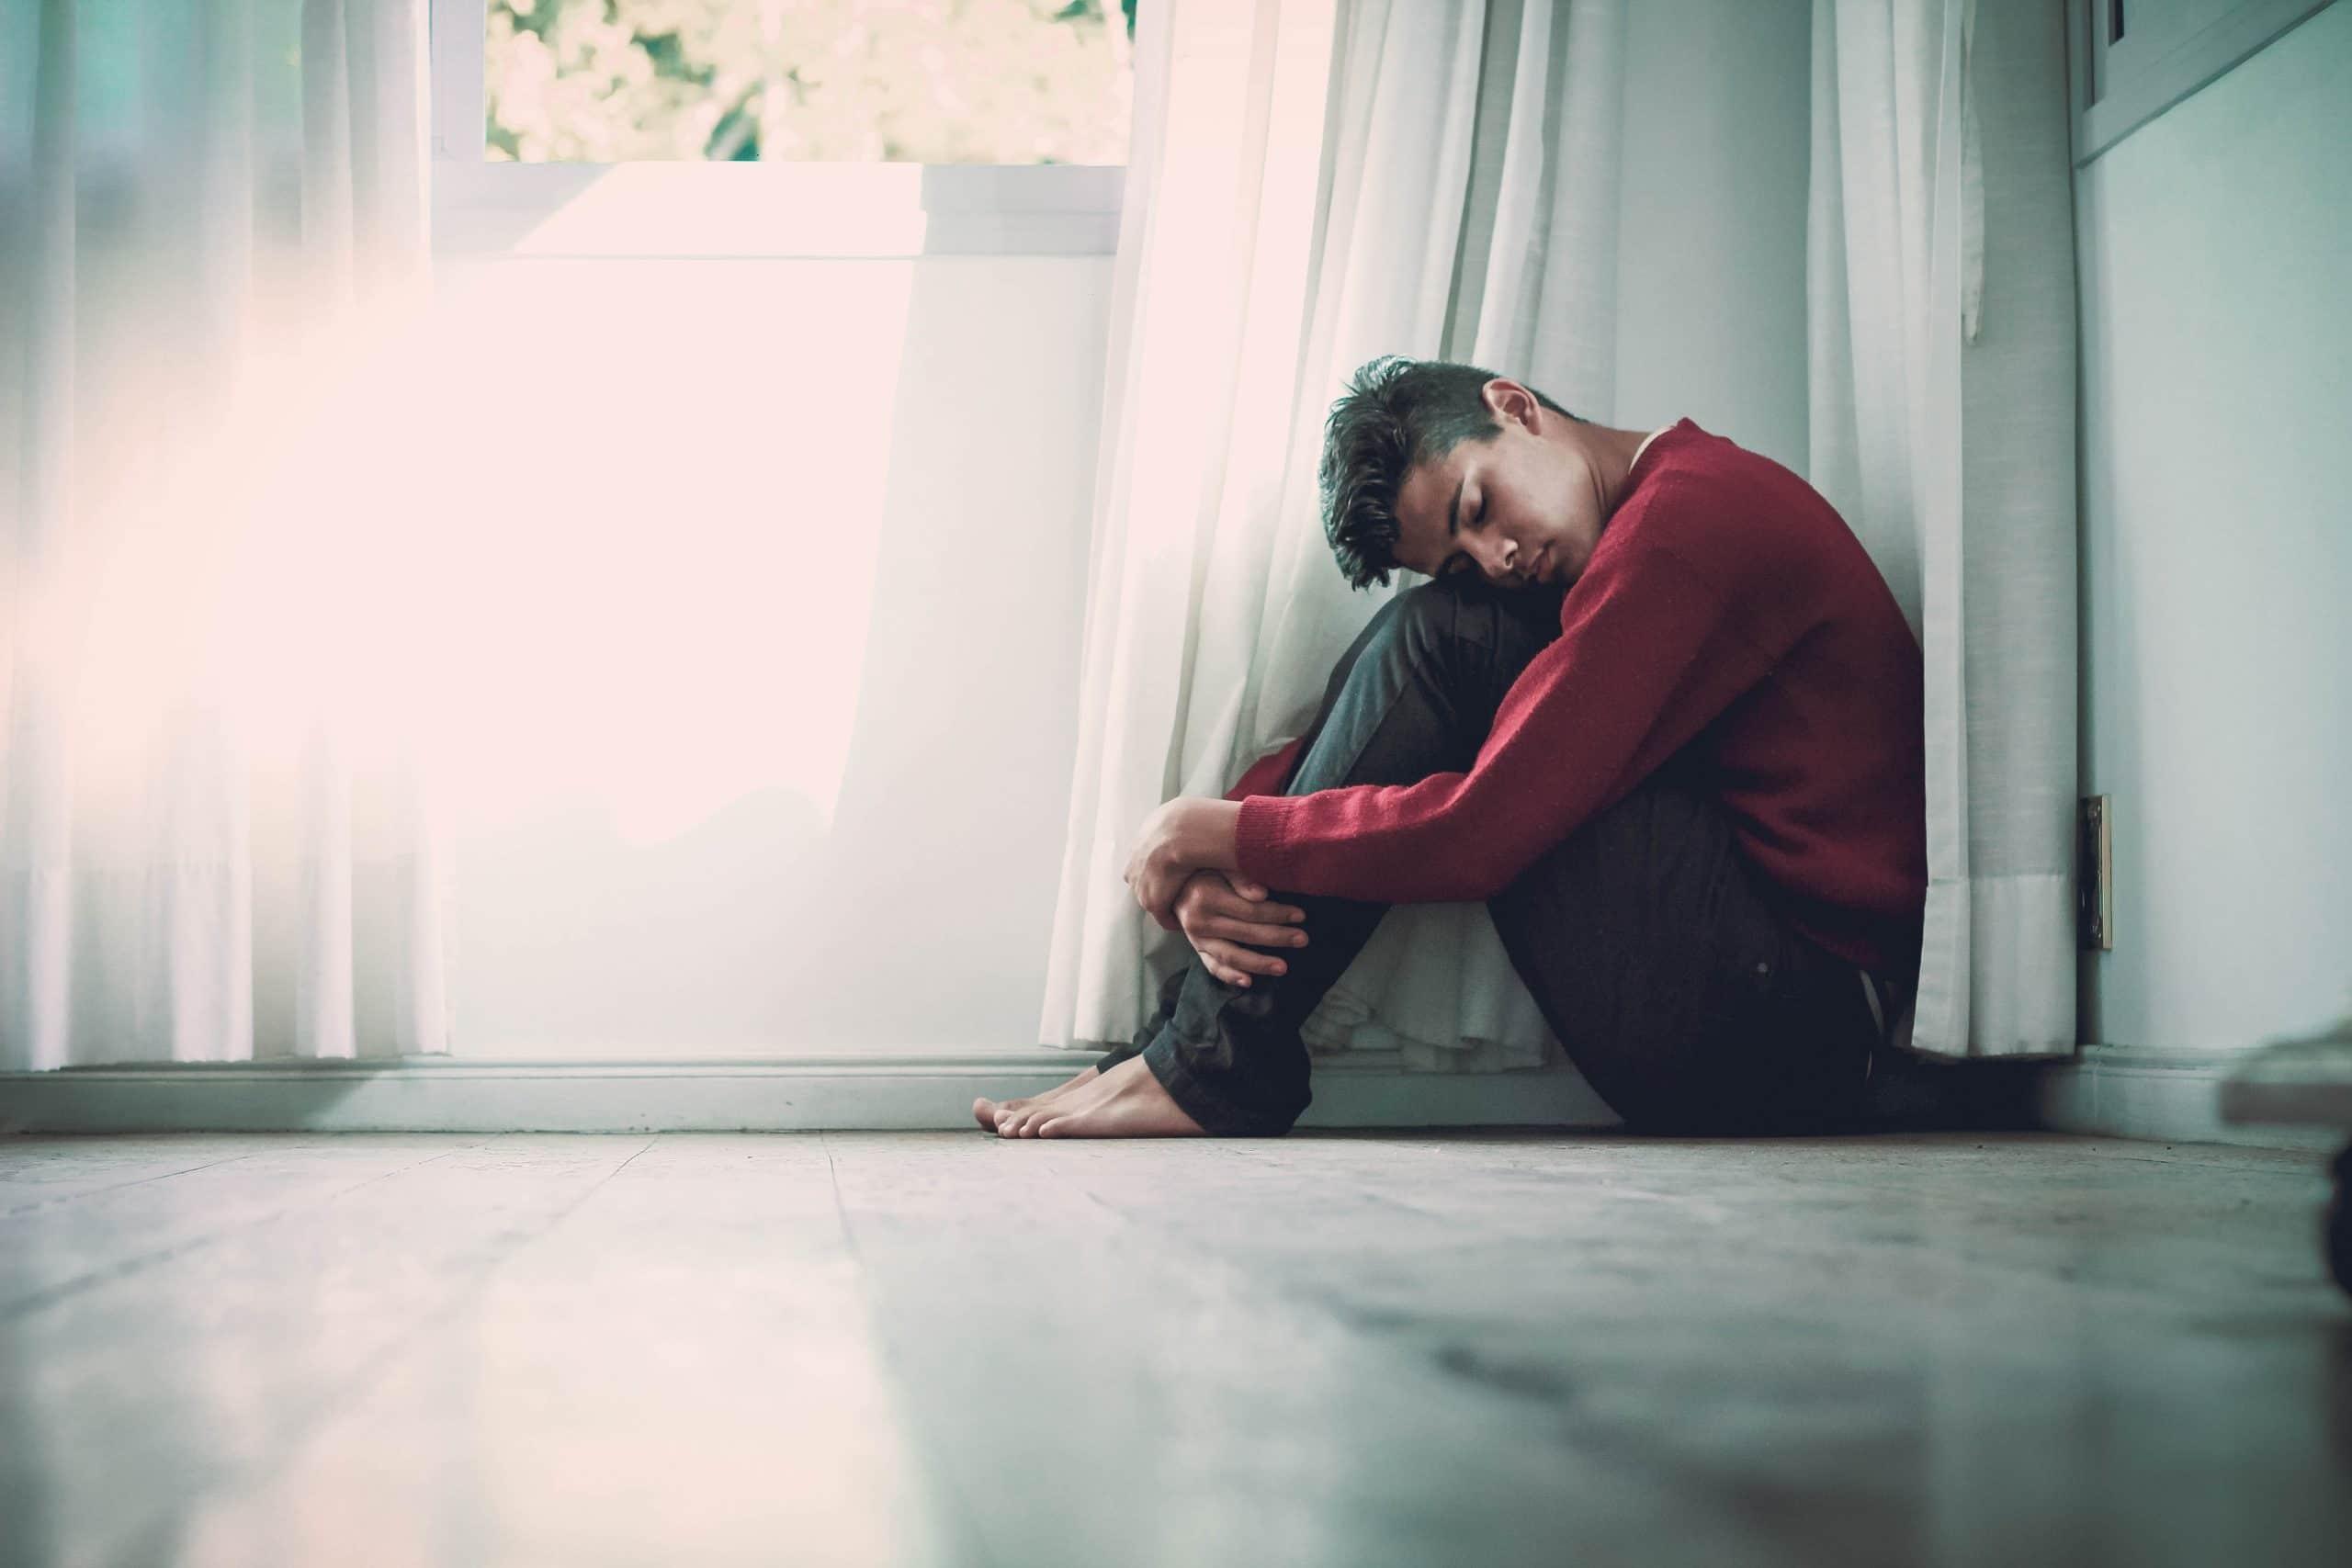 Homem sentado triste no chão de uma sala.